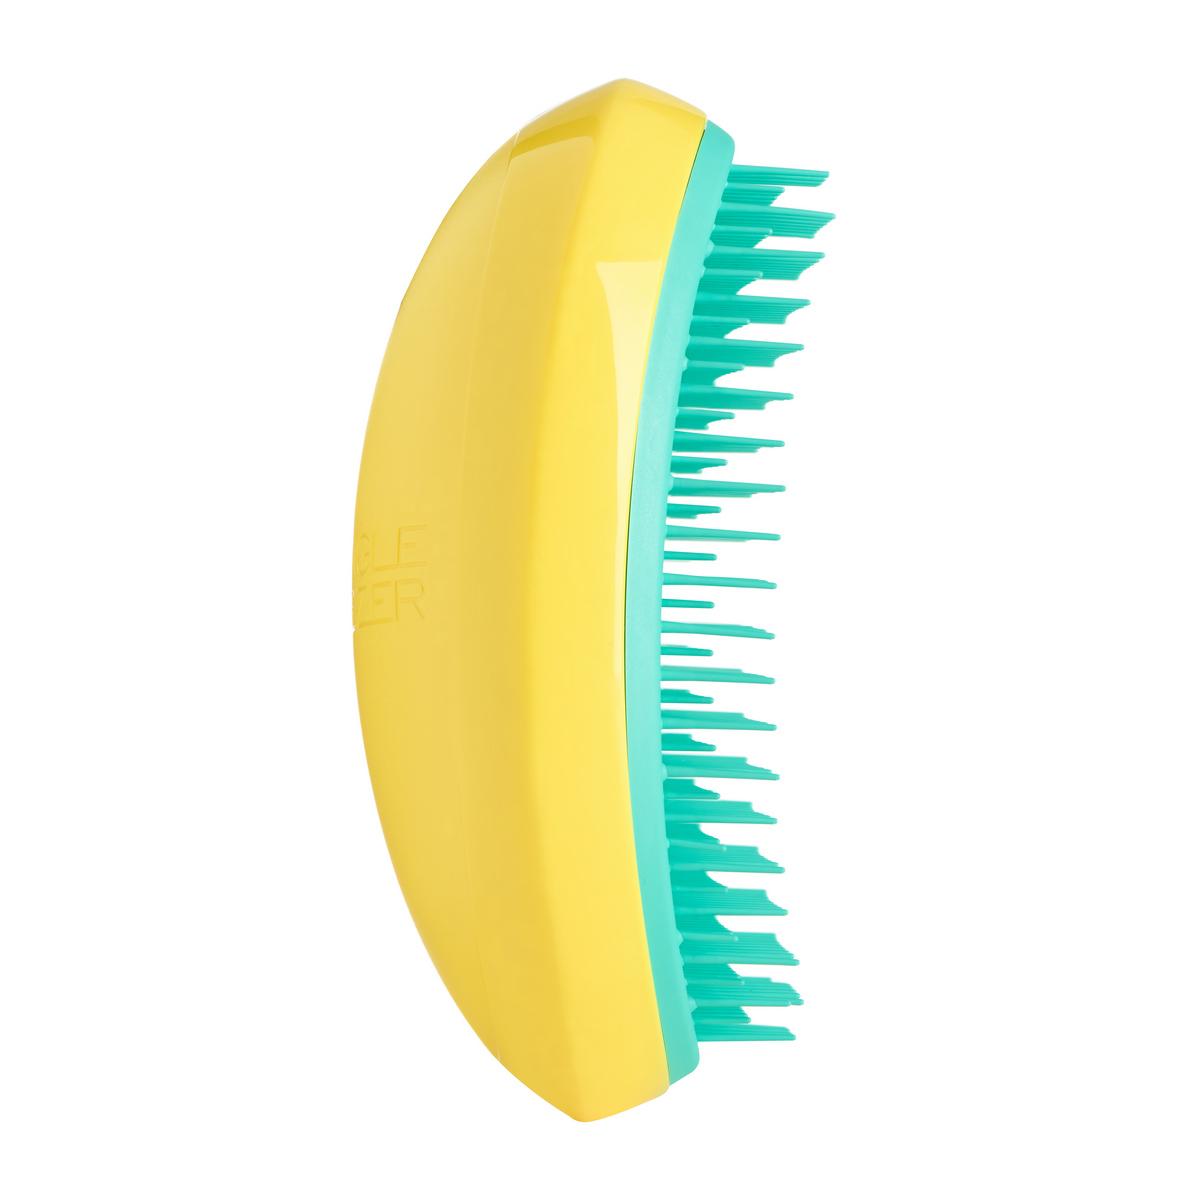 Расческа Tangle Teezer Salon Elite Yellow&Green